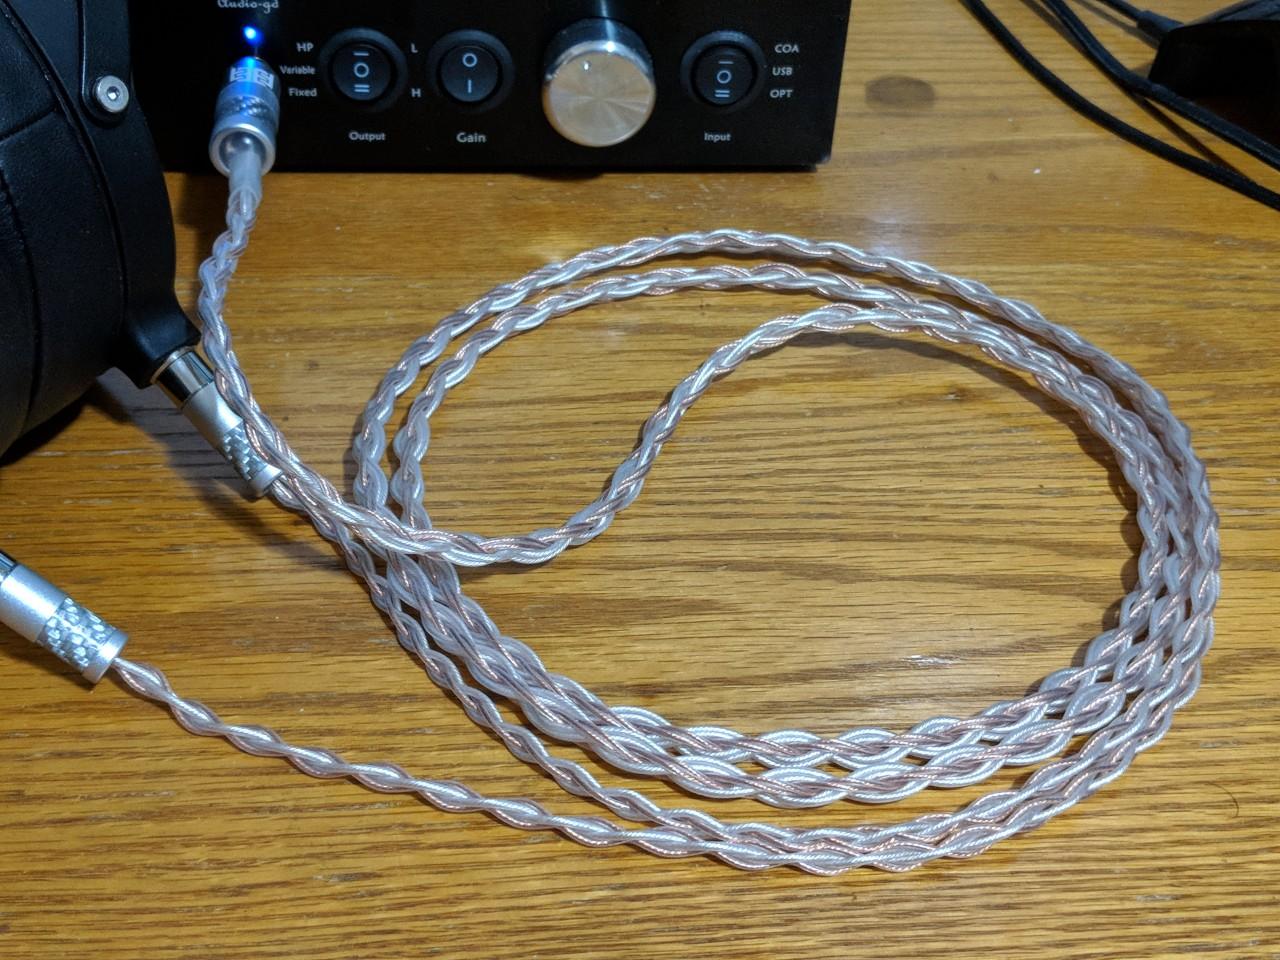 Venus Audio cable